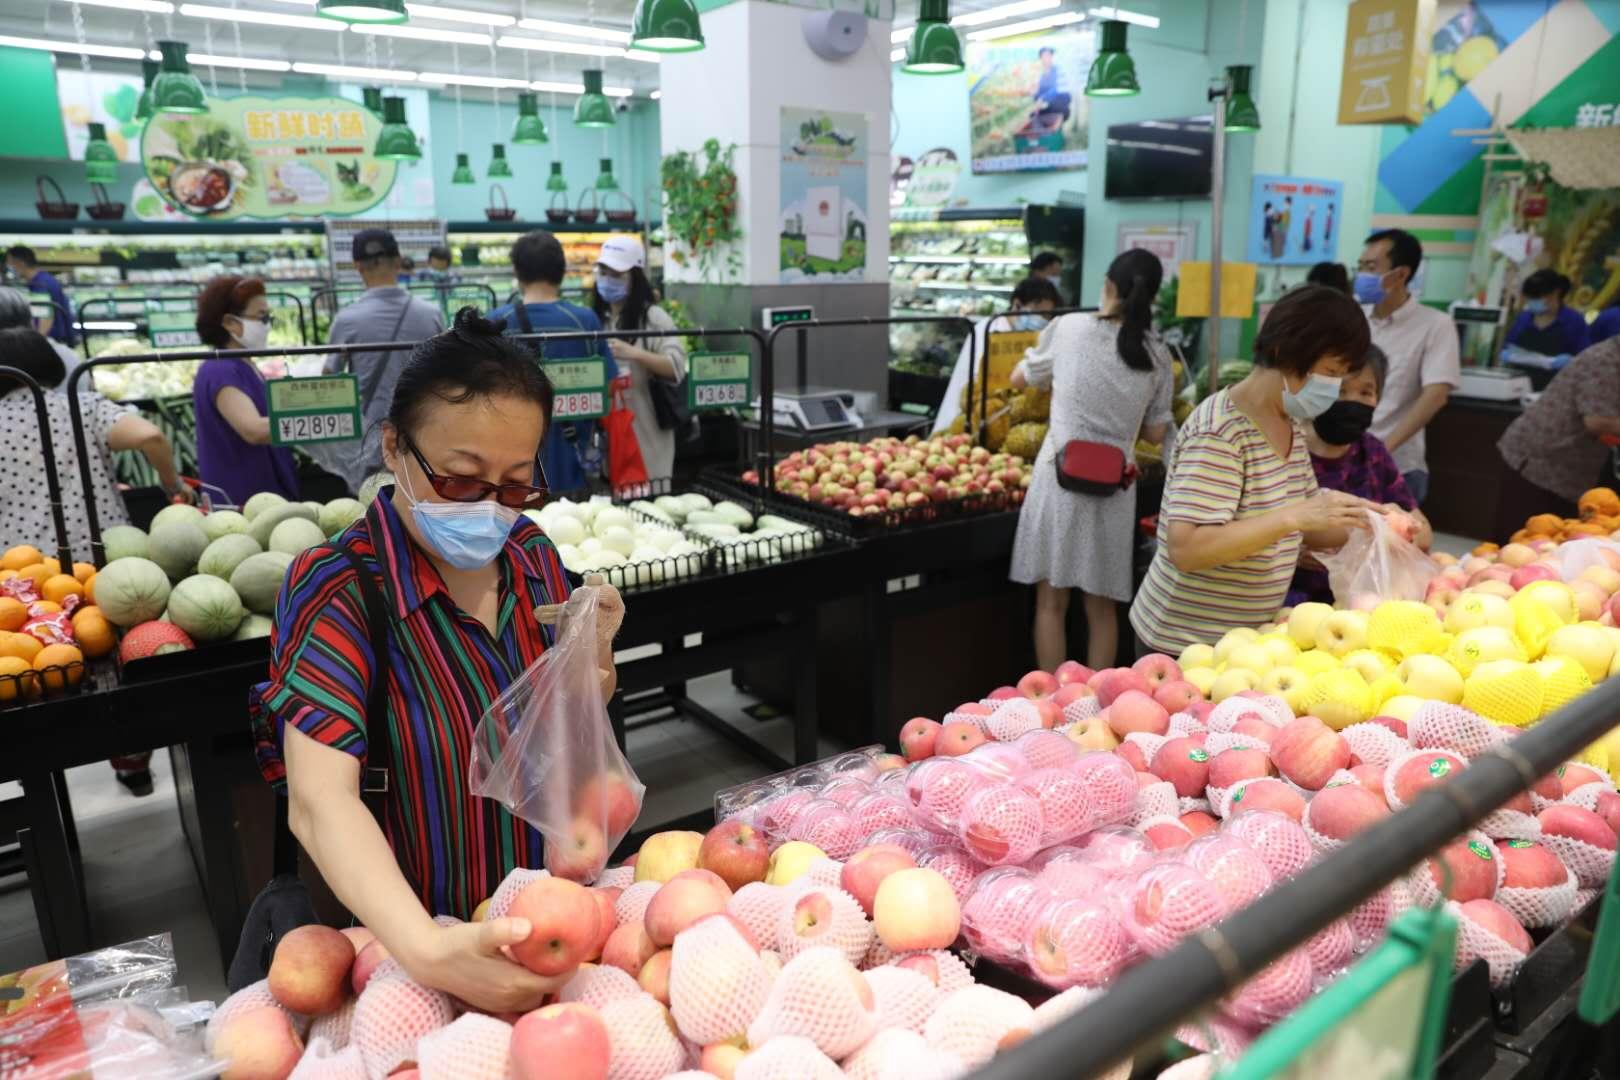 探访北京京客隆超市:黄瓜销售量曾达日常十倍,现已回落图片